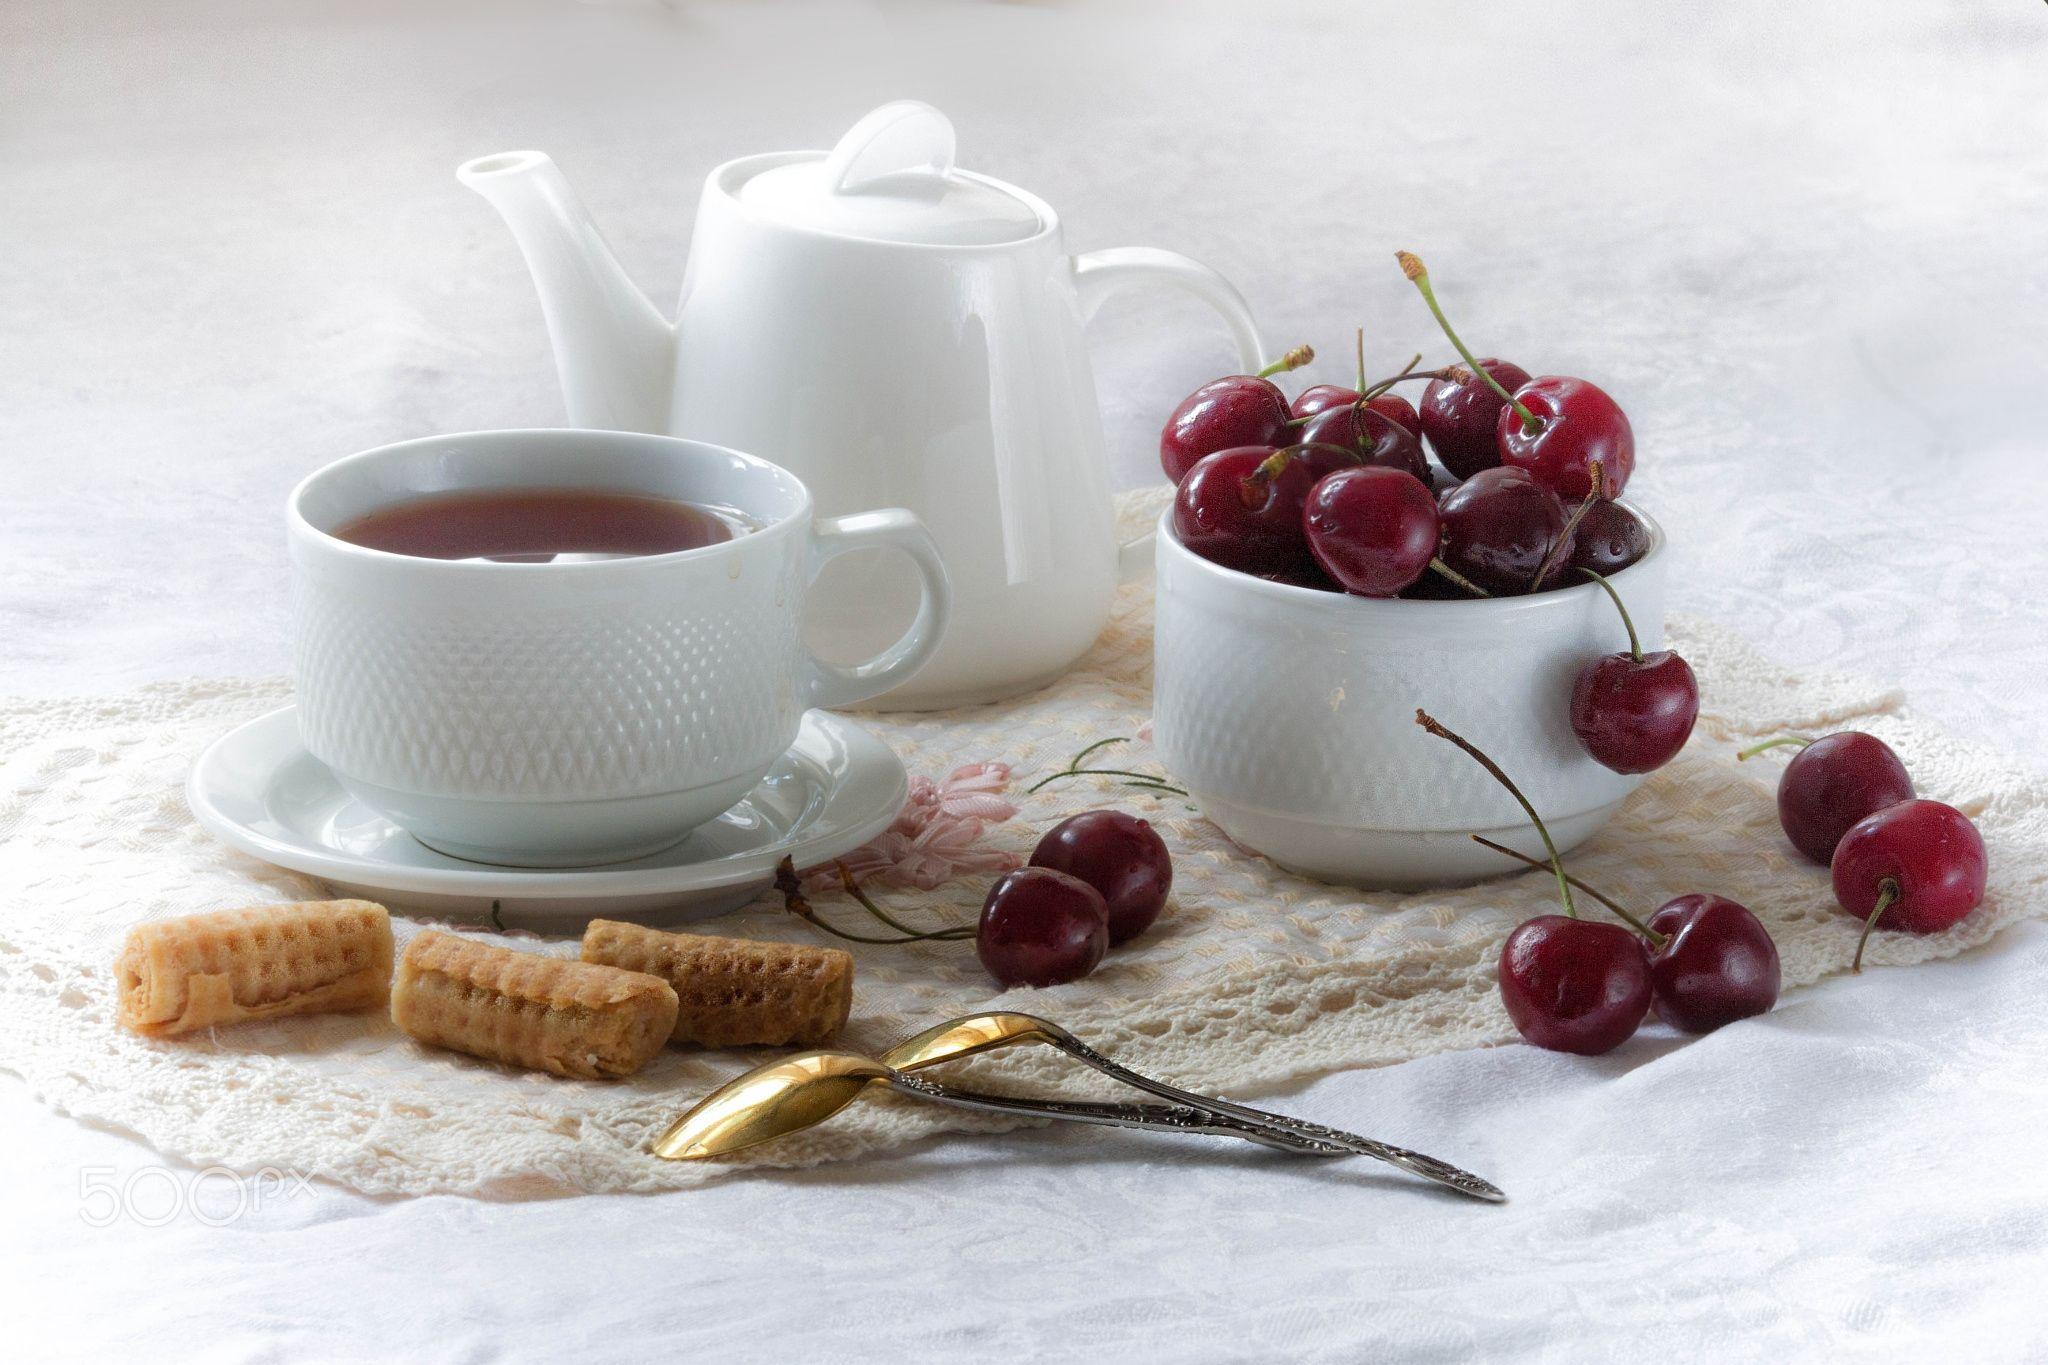 появлением локальных утро картинки красивые с чаем почаще успех